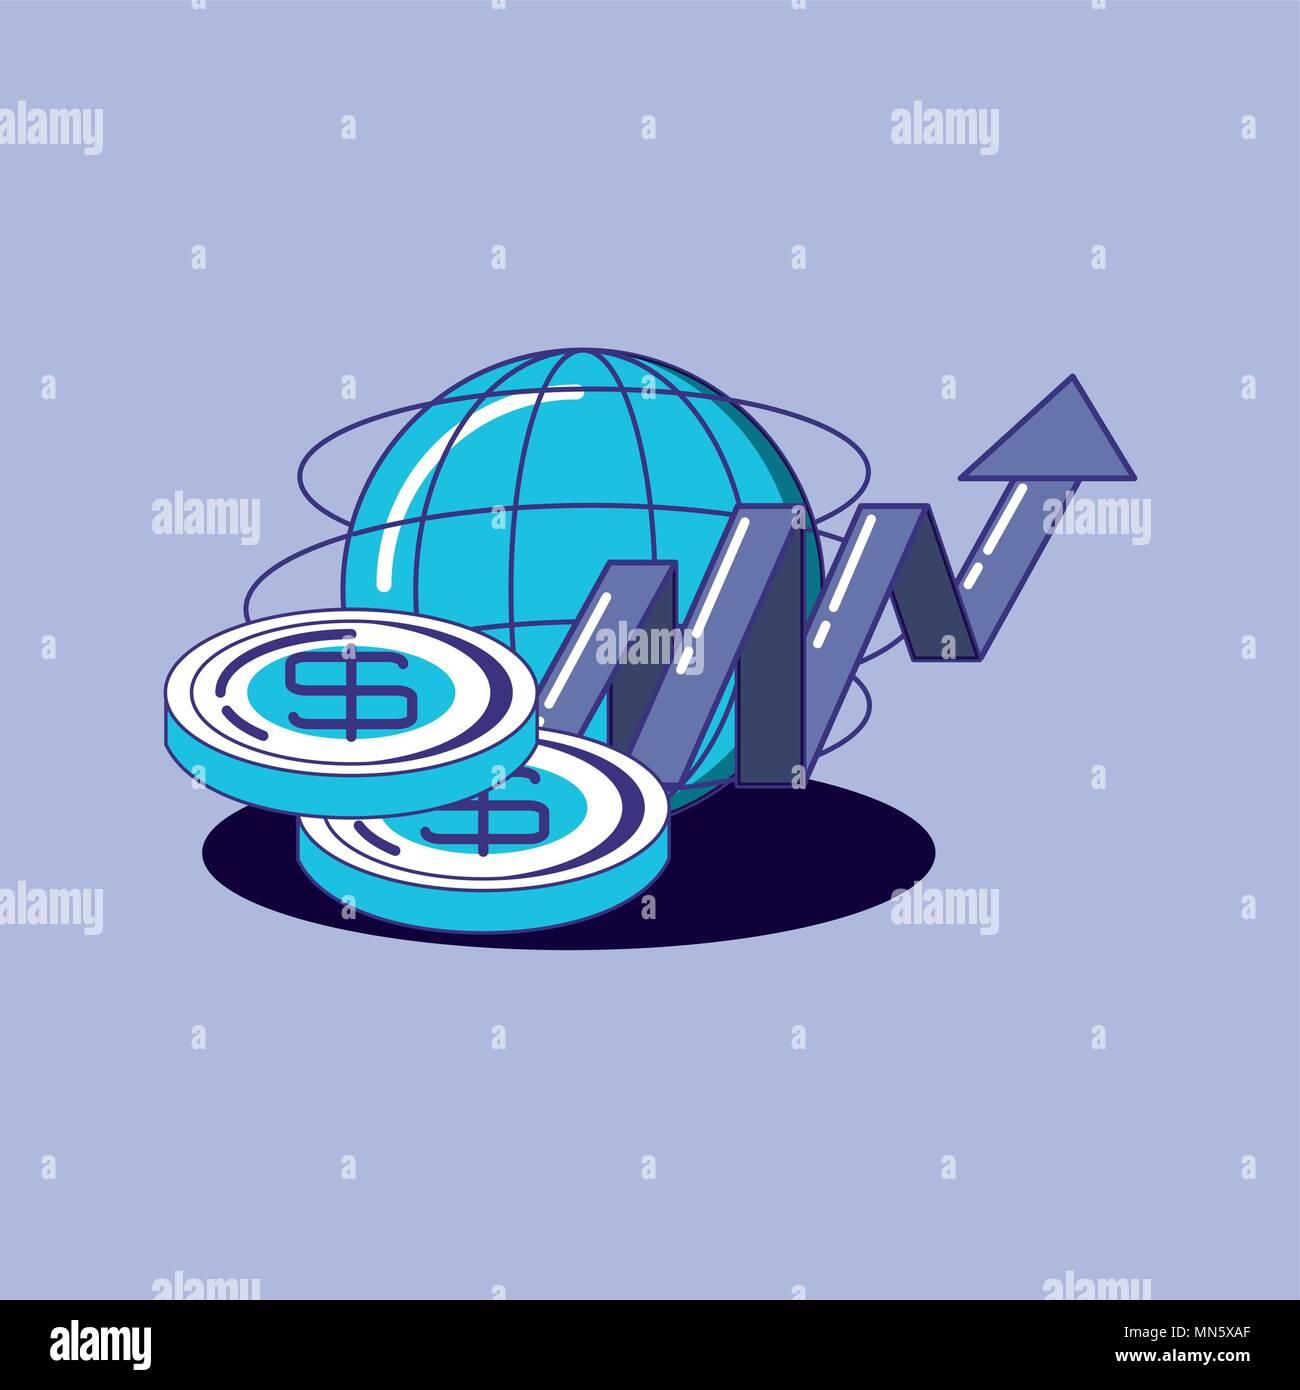 Diseño de tecnología financiera con ámbito global y dinero monedas sobre fondo púrpura, ilustración vectorial diseño colorista. Imagen De Stock